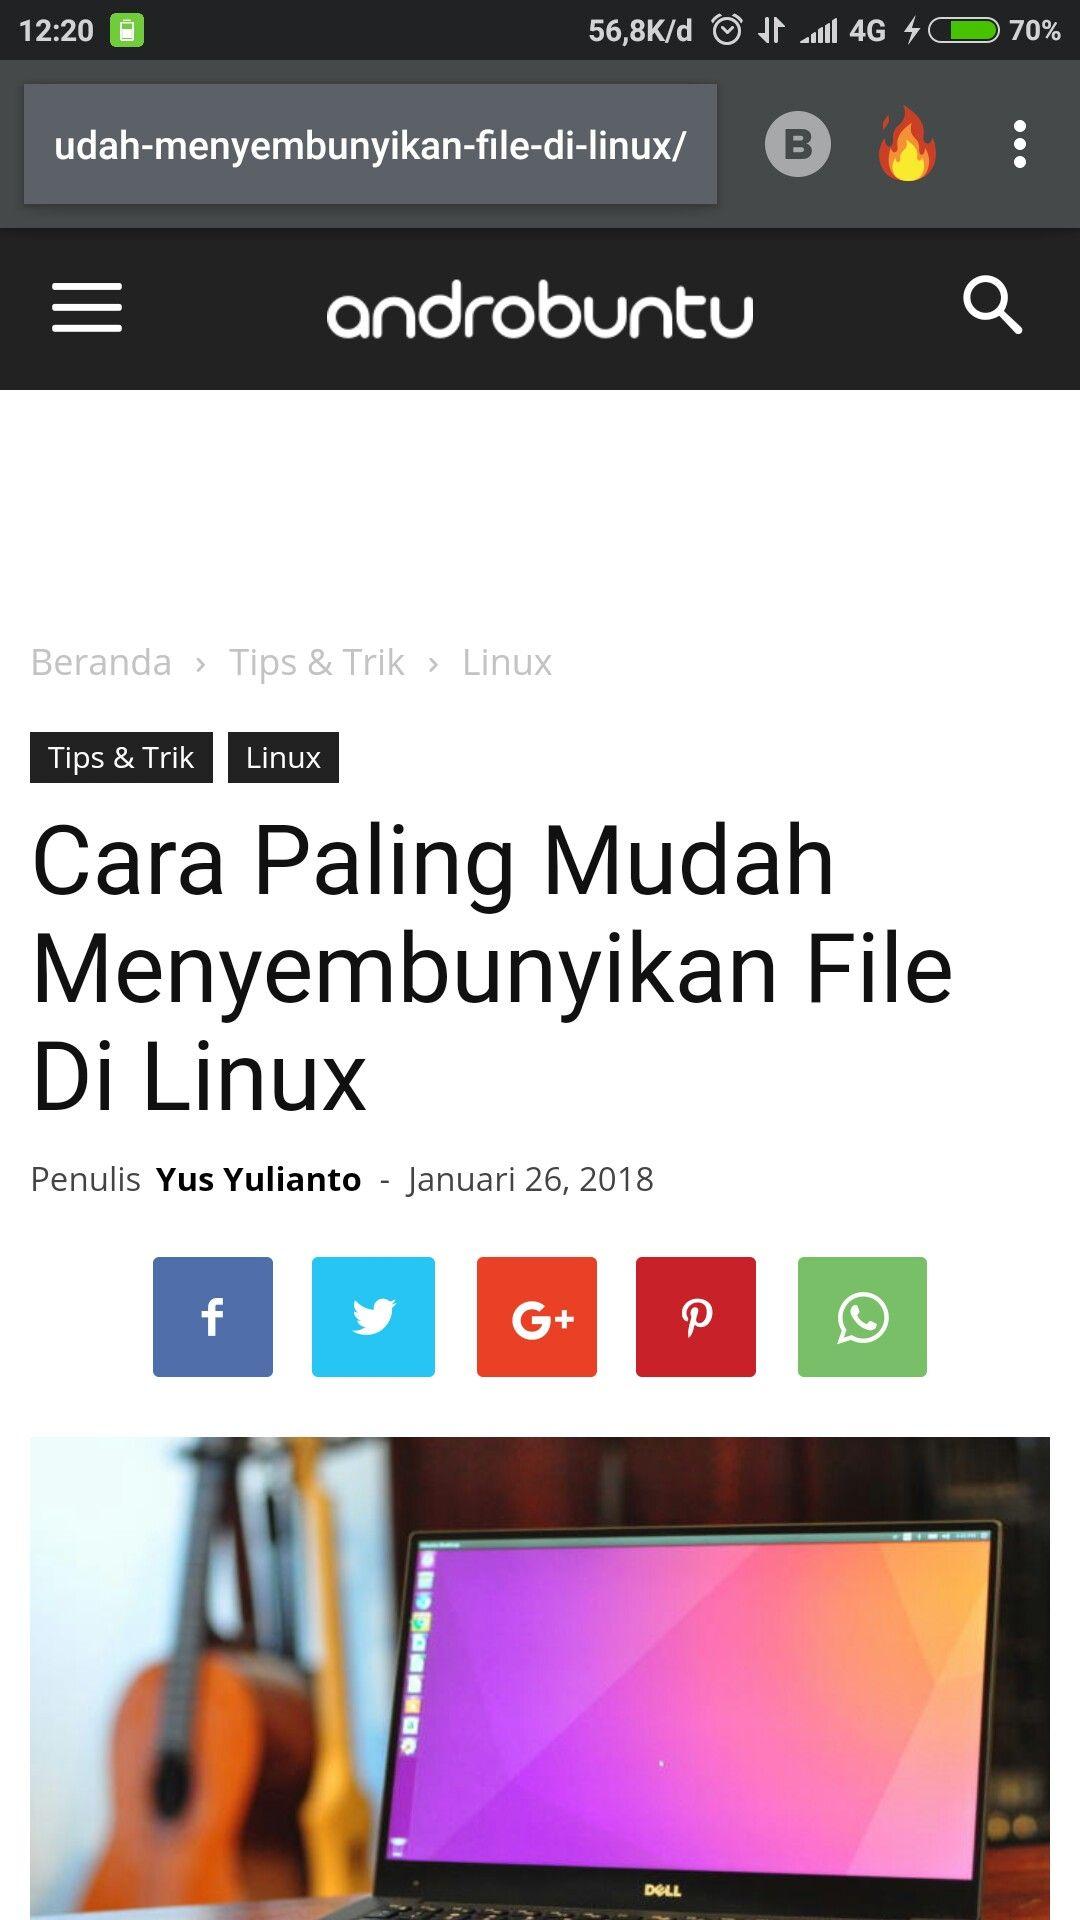 Cara Paling Mudah Menyembunyikan File Di Linux Baca Selengkapnya Di Androbuntu Com Linux Membaca Tips